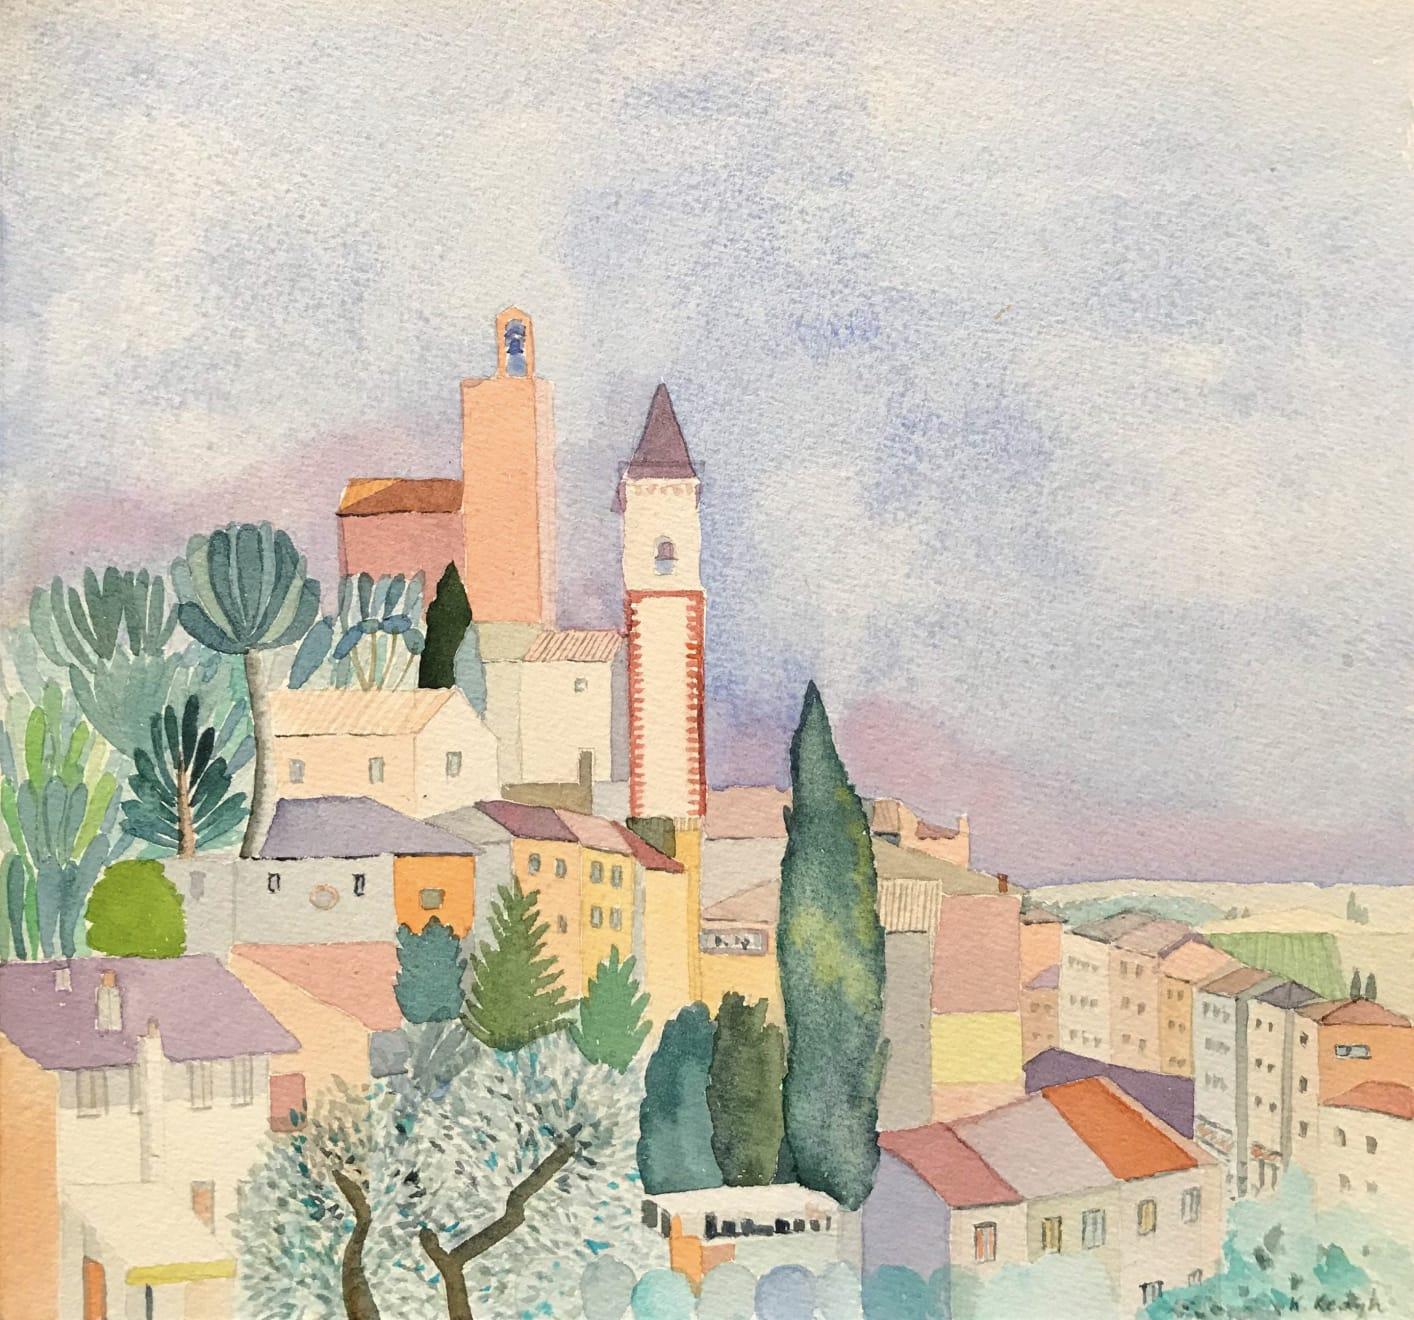 Karen Keogh, San Gimignano, Tuscany